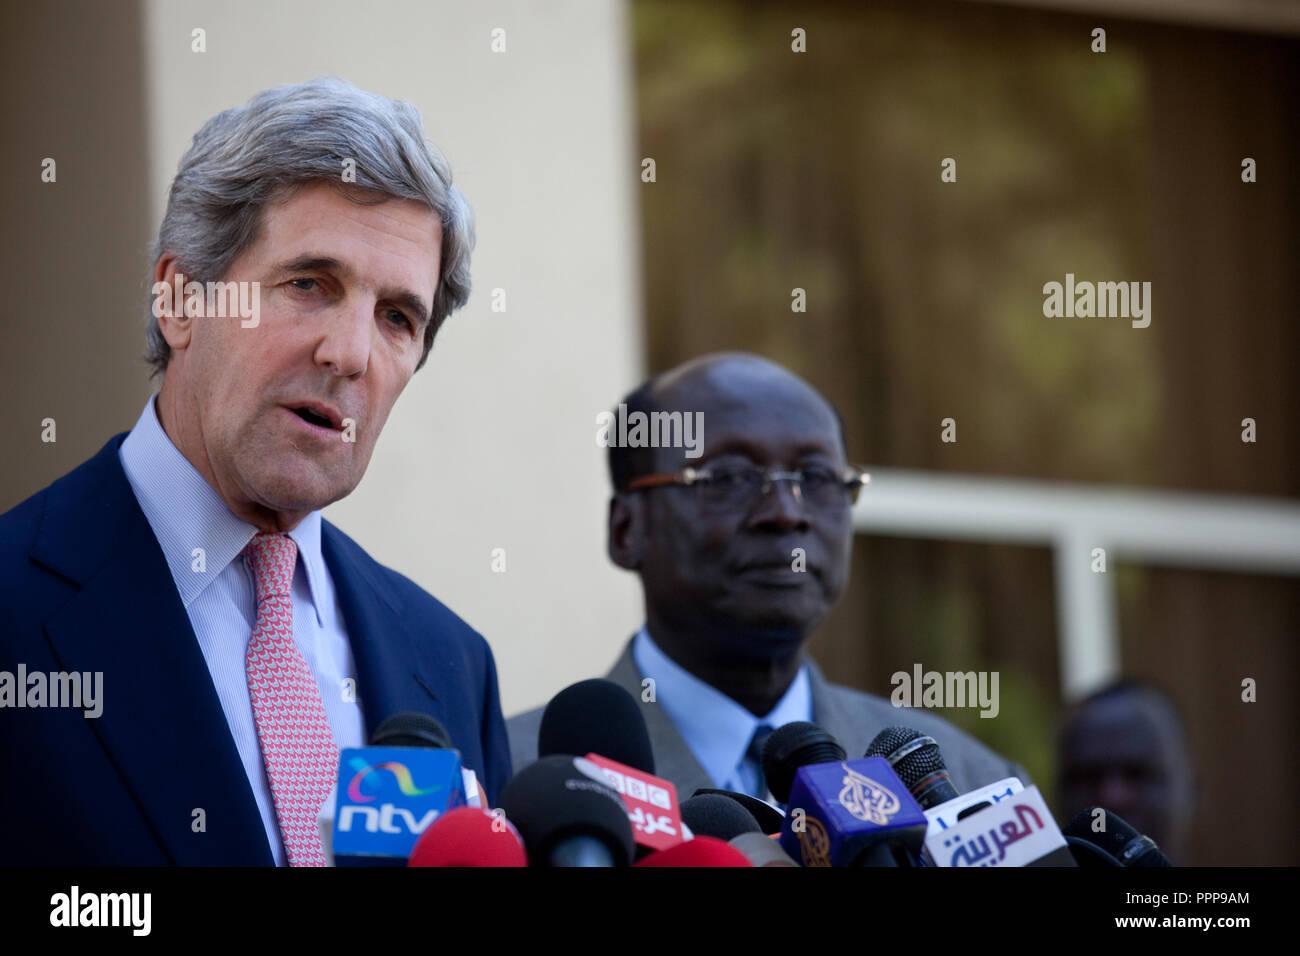 Januar 8, 2011 - Juba, Sudan - US-Senator John Kerry spricht mit Reportern nach seinem Treffen mit den Süden Sudans Präsident Salva Kiir in Juba, Südsudan. Im Süden des Sudan beginnt die Abstimmung in einem einwöchigen Unabhängigkeitsreferendum Sonntag, die wahrscheinlich zu sehen ist der größte afrikanische Land in zwei Teile gespalten. Um für den Volksentscheid zu übergeben, eine einfache Mehrheit muss Votum für die Unabhängigkeit und 60 Prozent der 3,9 Millionen registrierten Wähler müssen abgegebenen Stimmzettel. Photo Credit: Benedicte Desrus Stockfoto